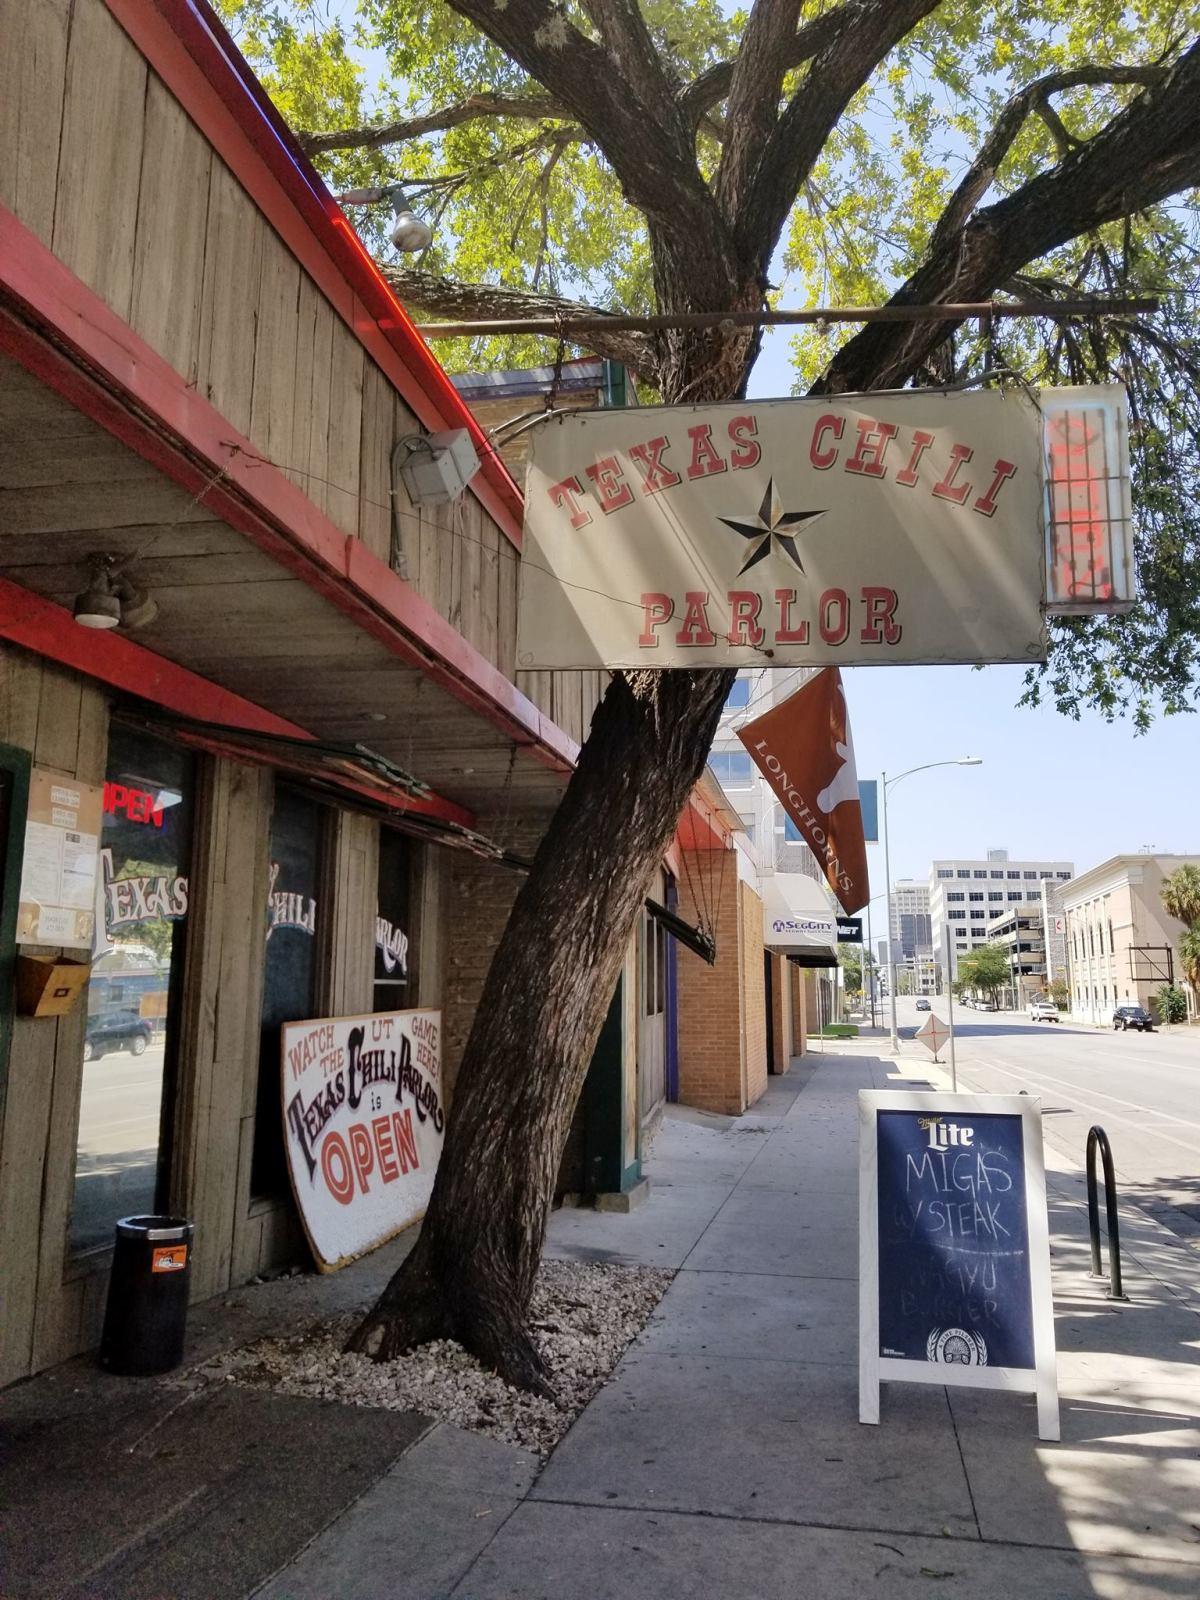 Texas Chili Parlor